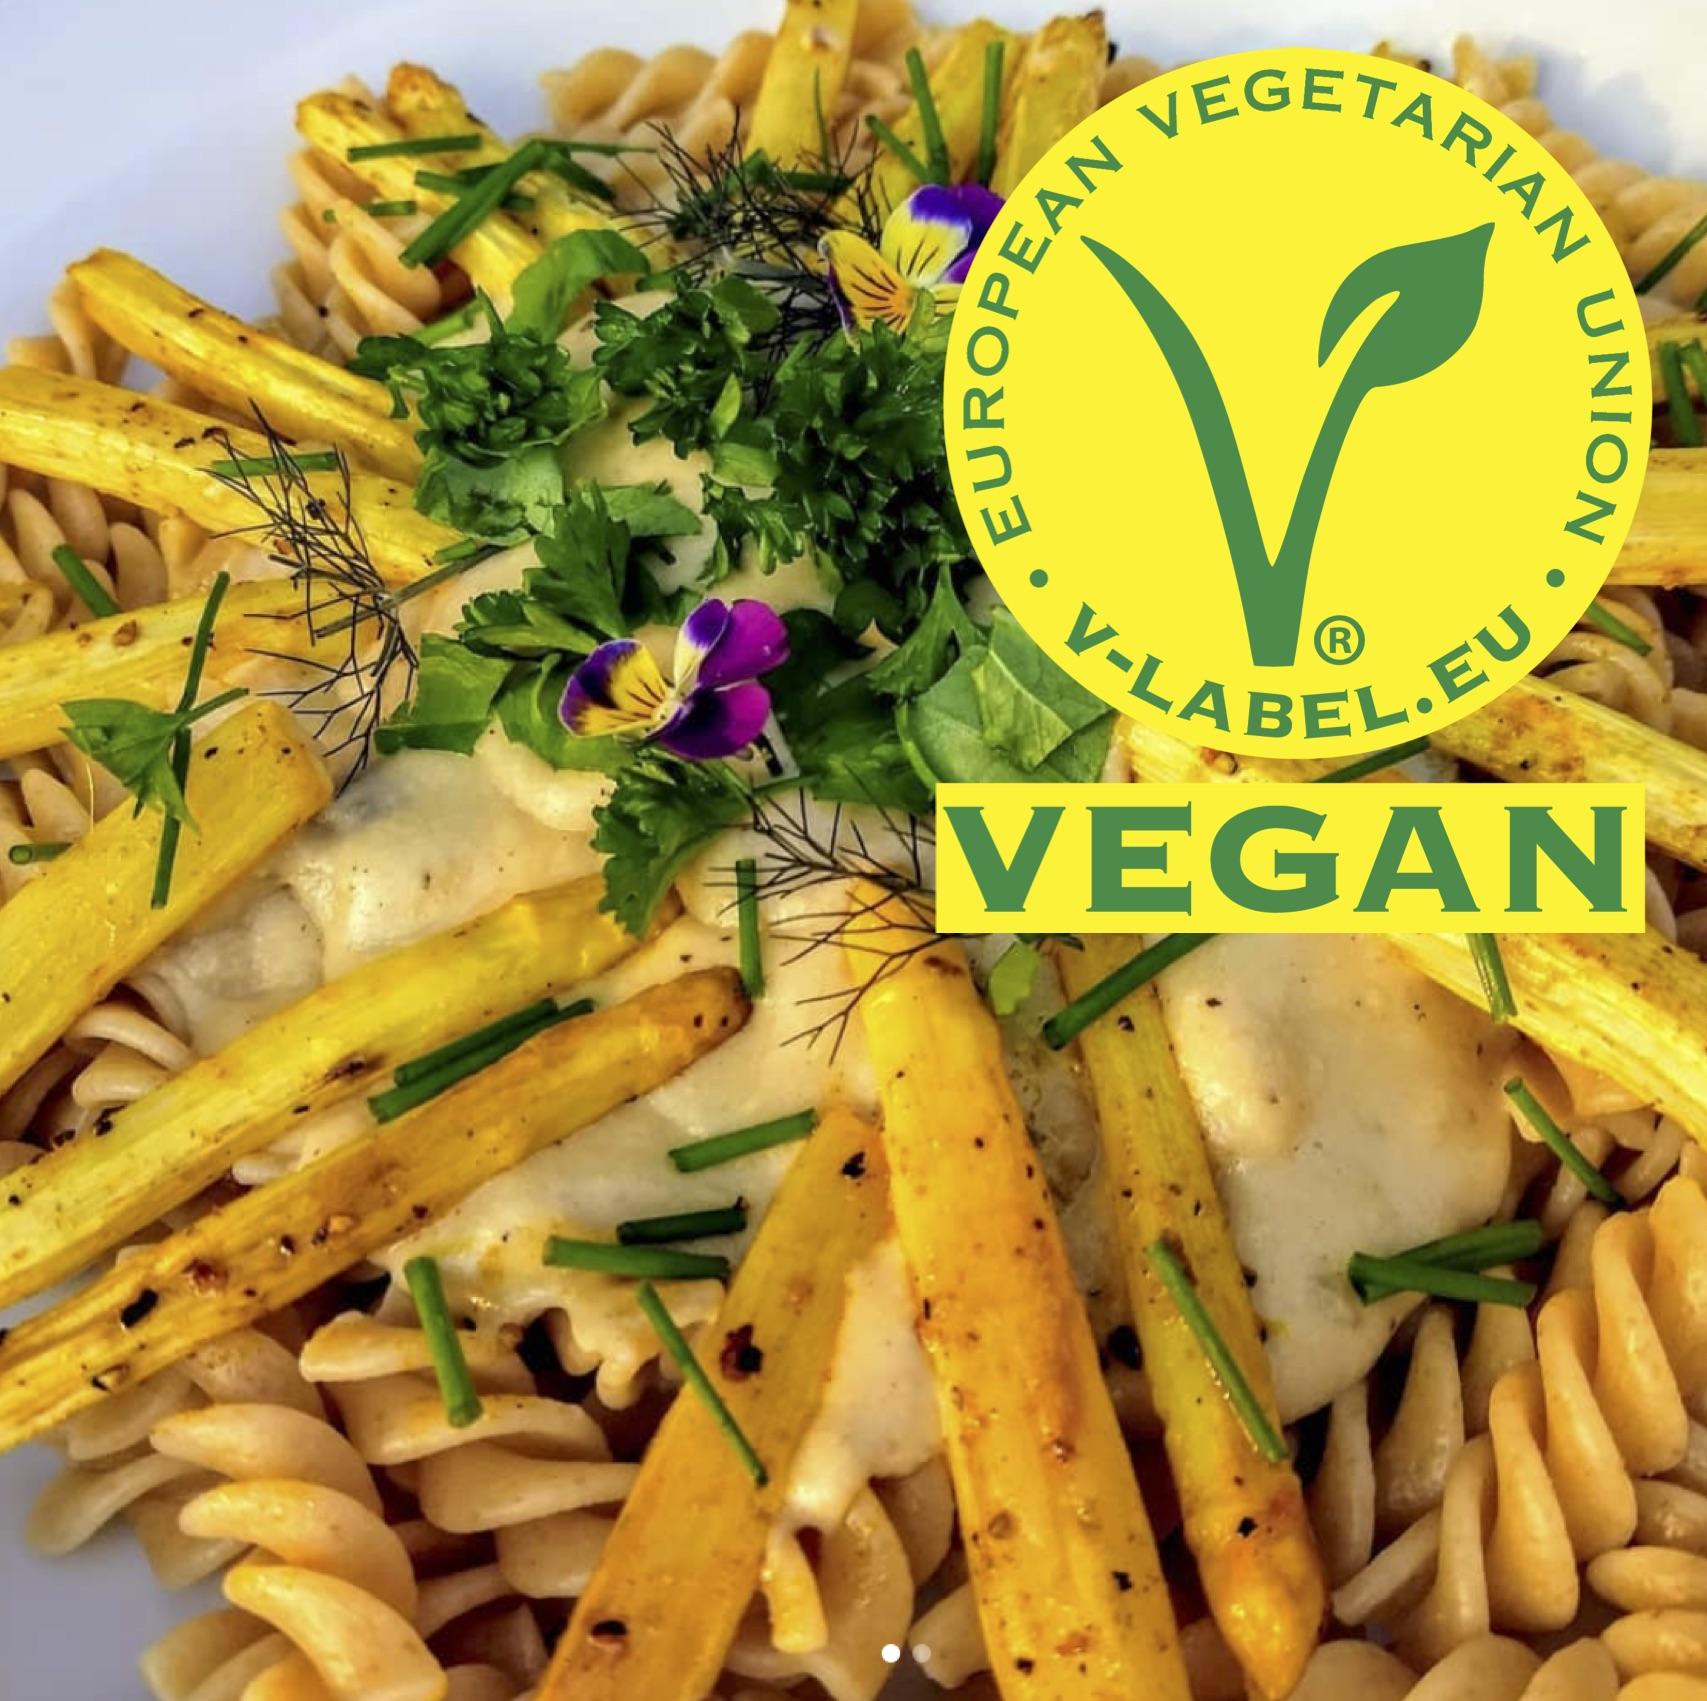 JeBentWatJeEet-Vegan.jpg